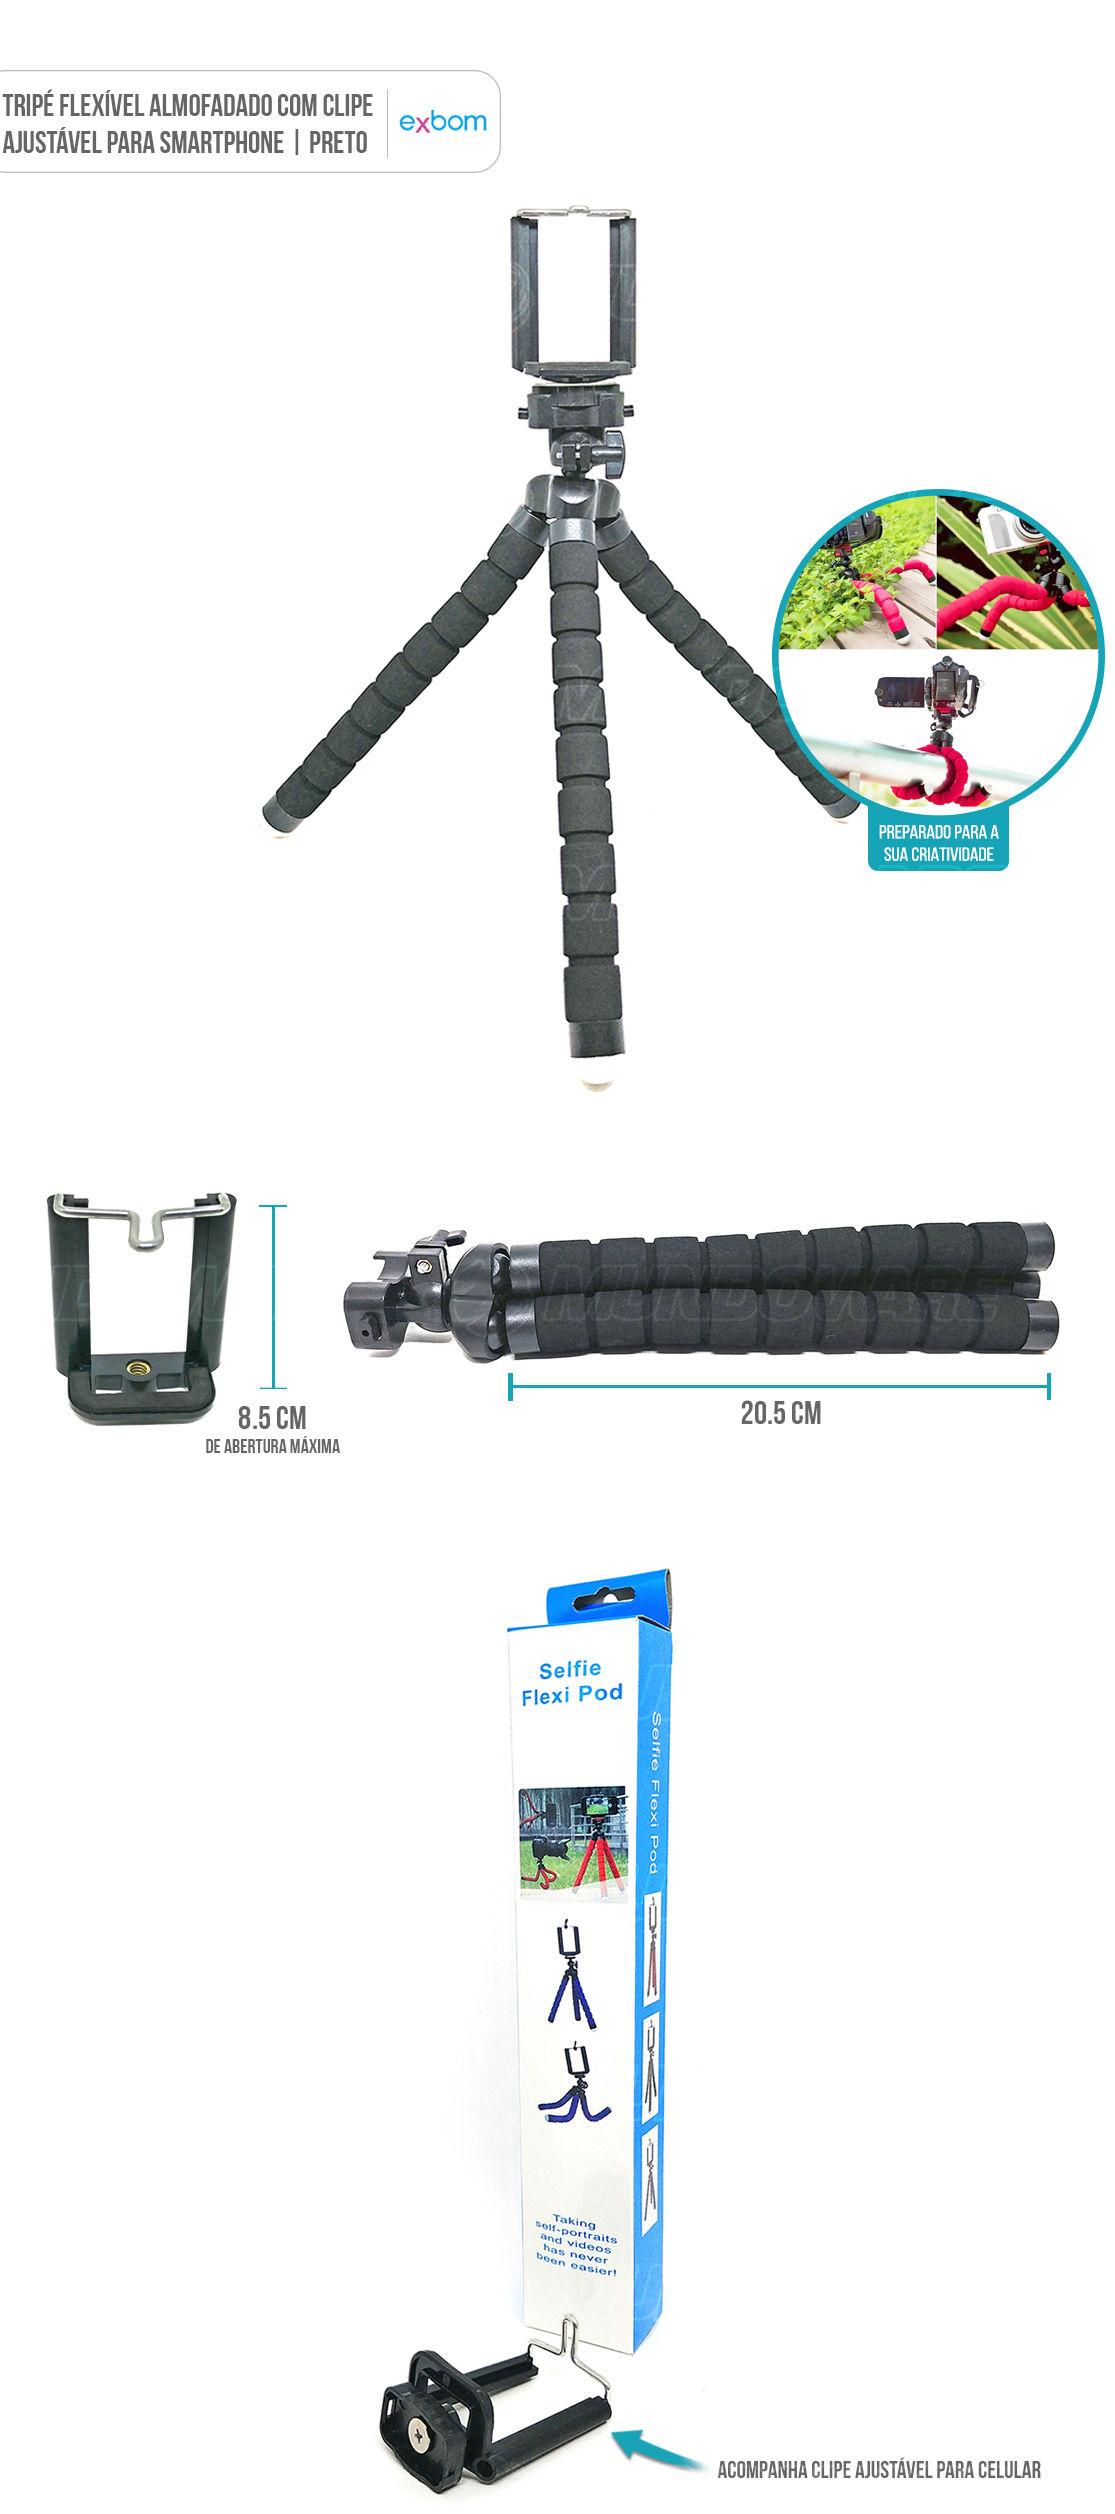 Tripé para fotografia almofadado flexível com clipe para celular